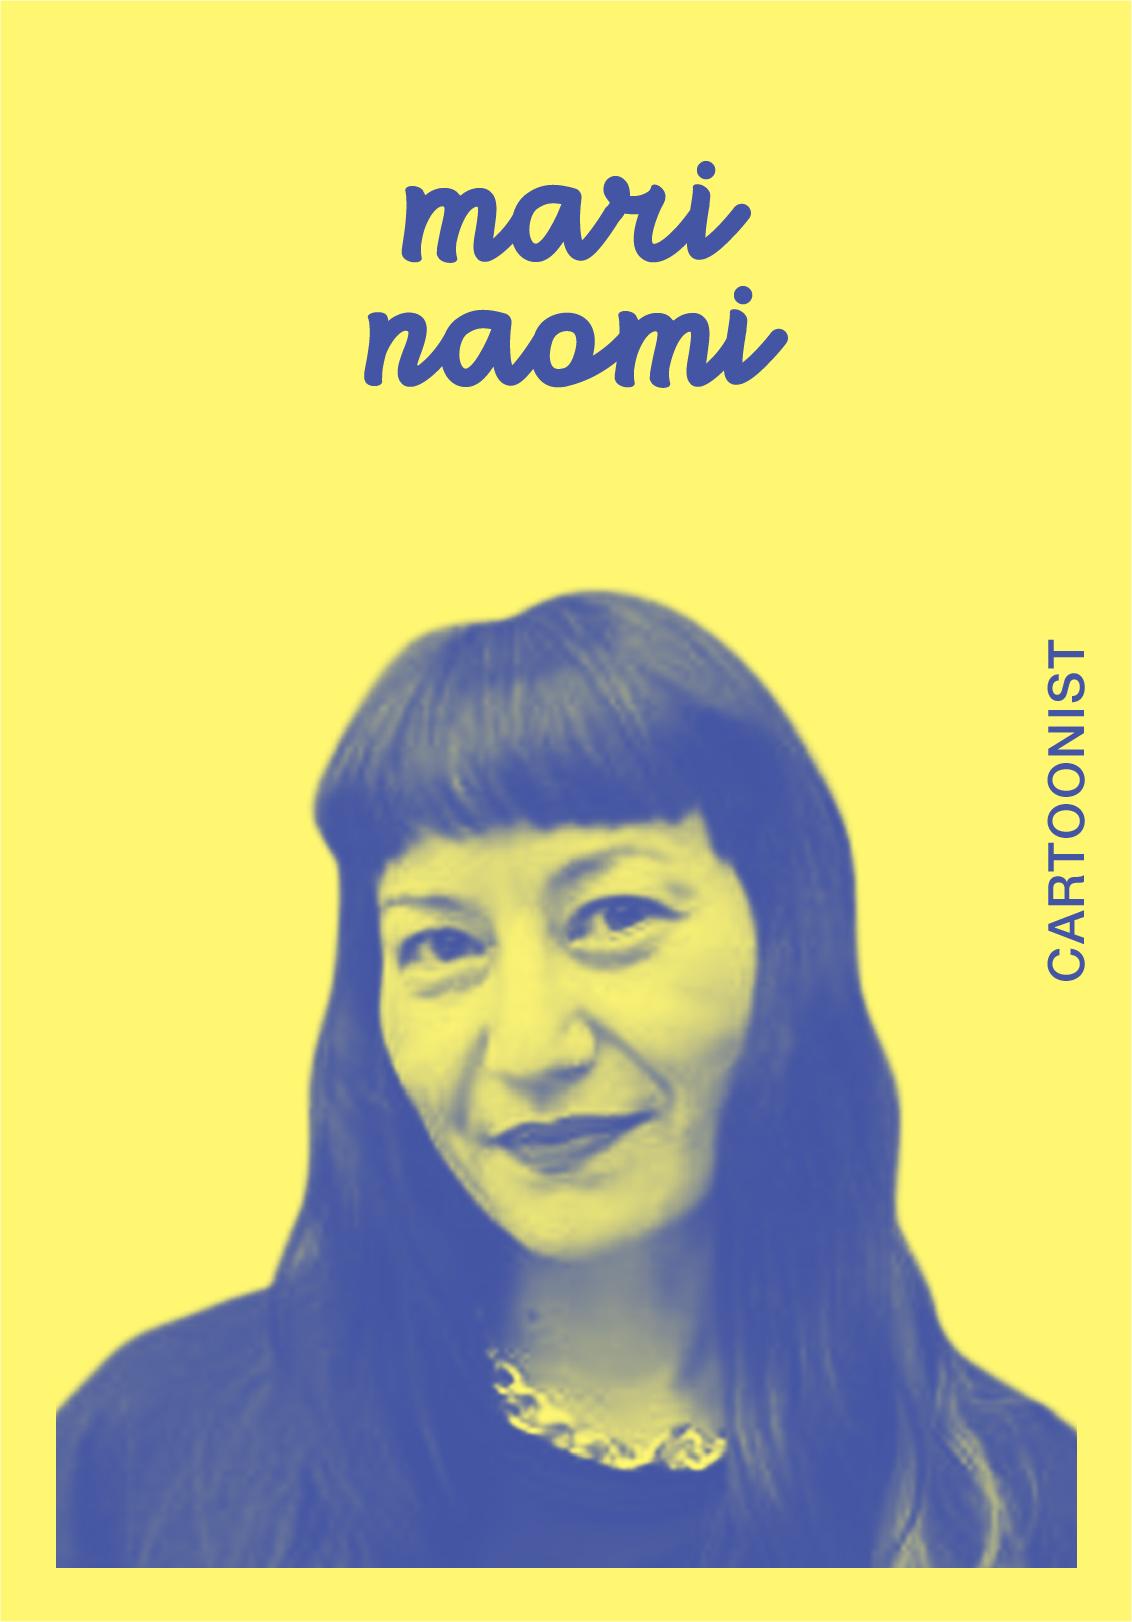 MARI NAOMI   WEBSITE   @MARINAOMI   IG: MARINAOMIART